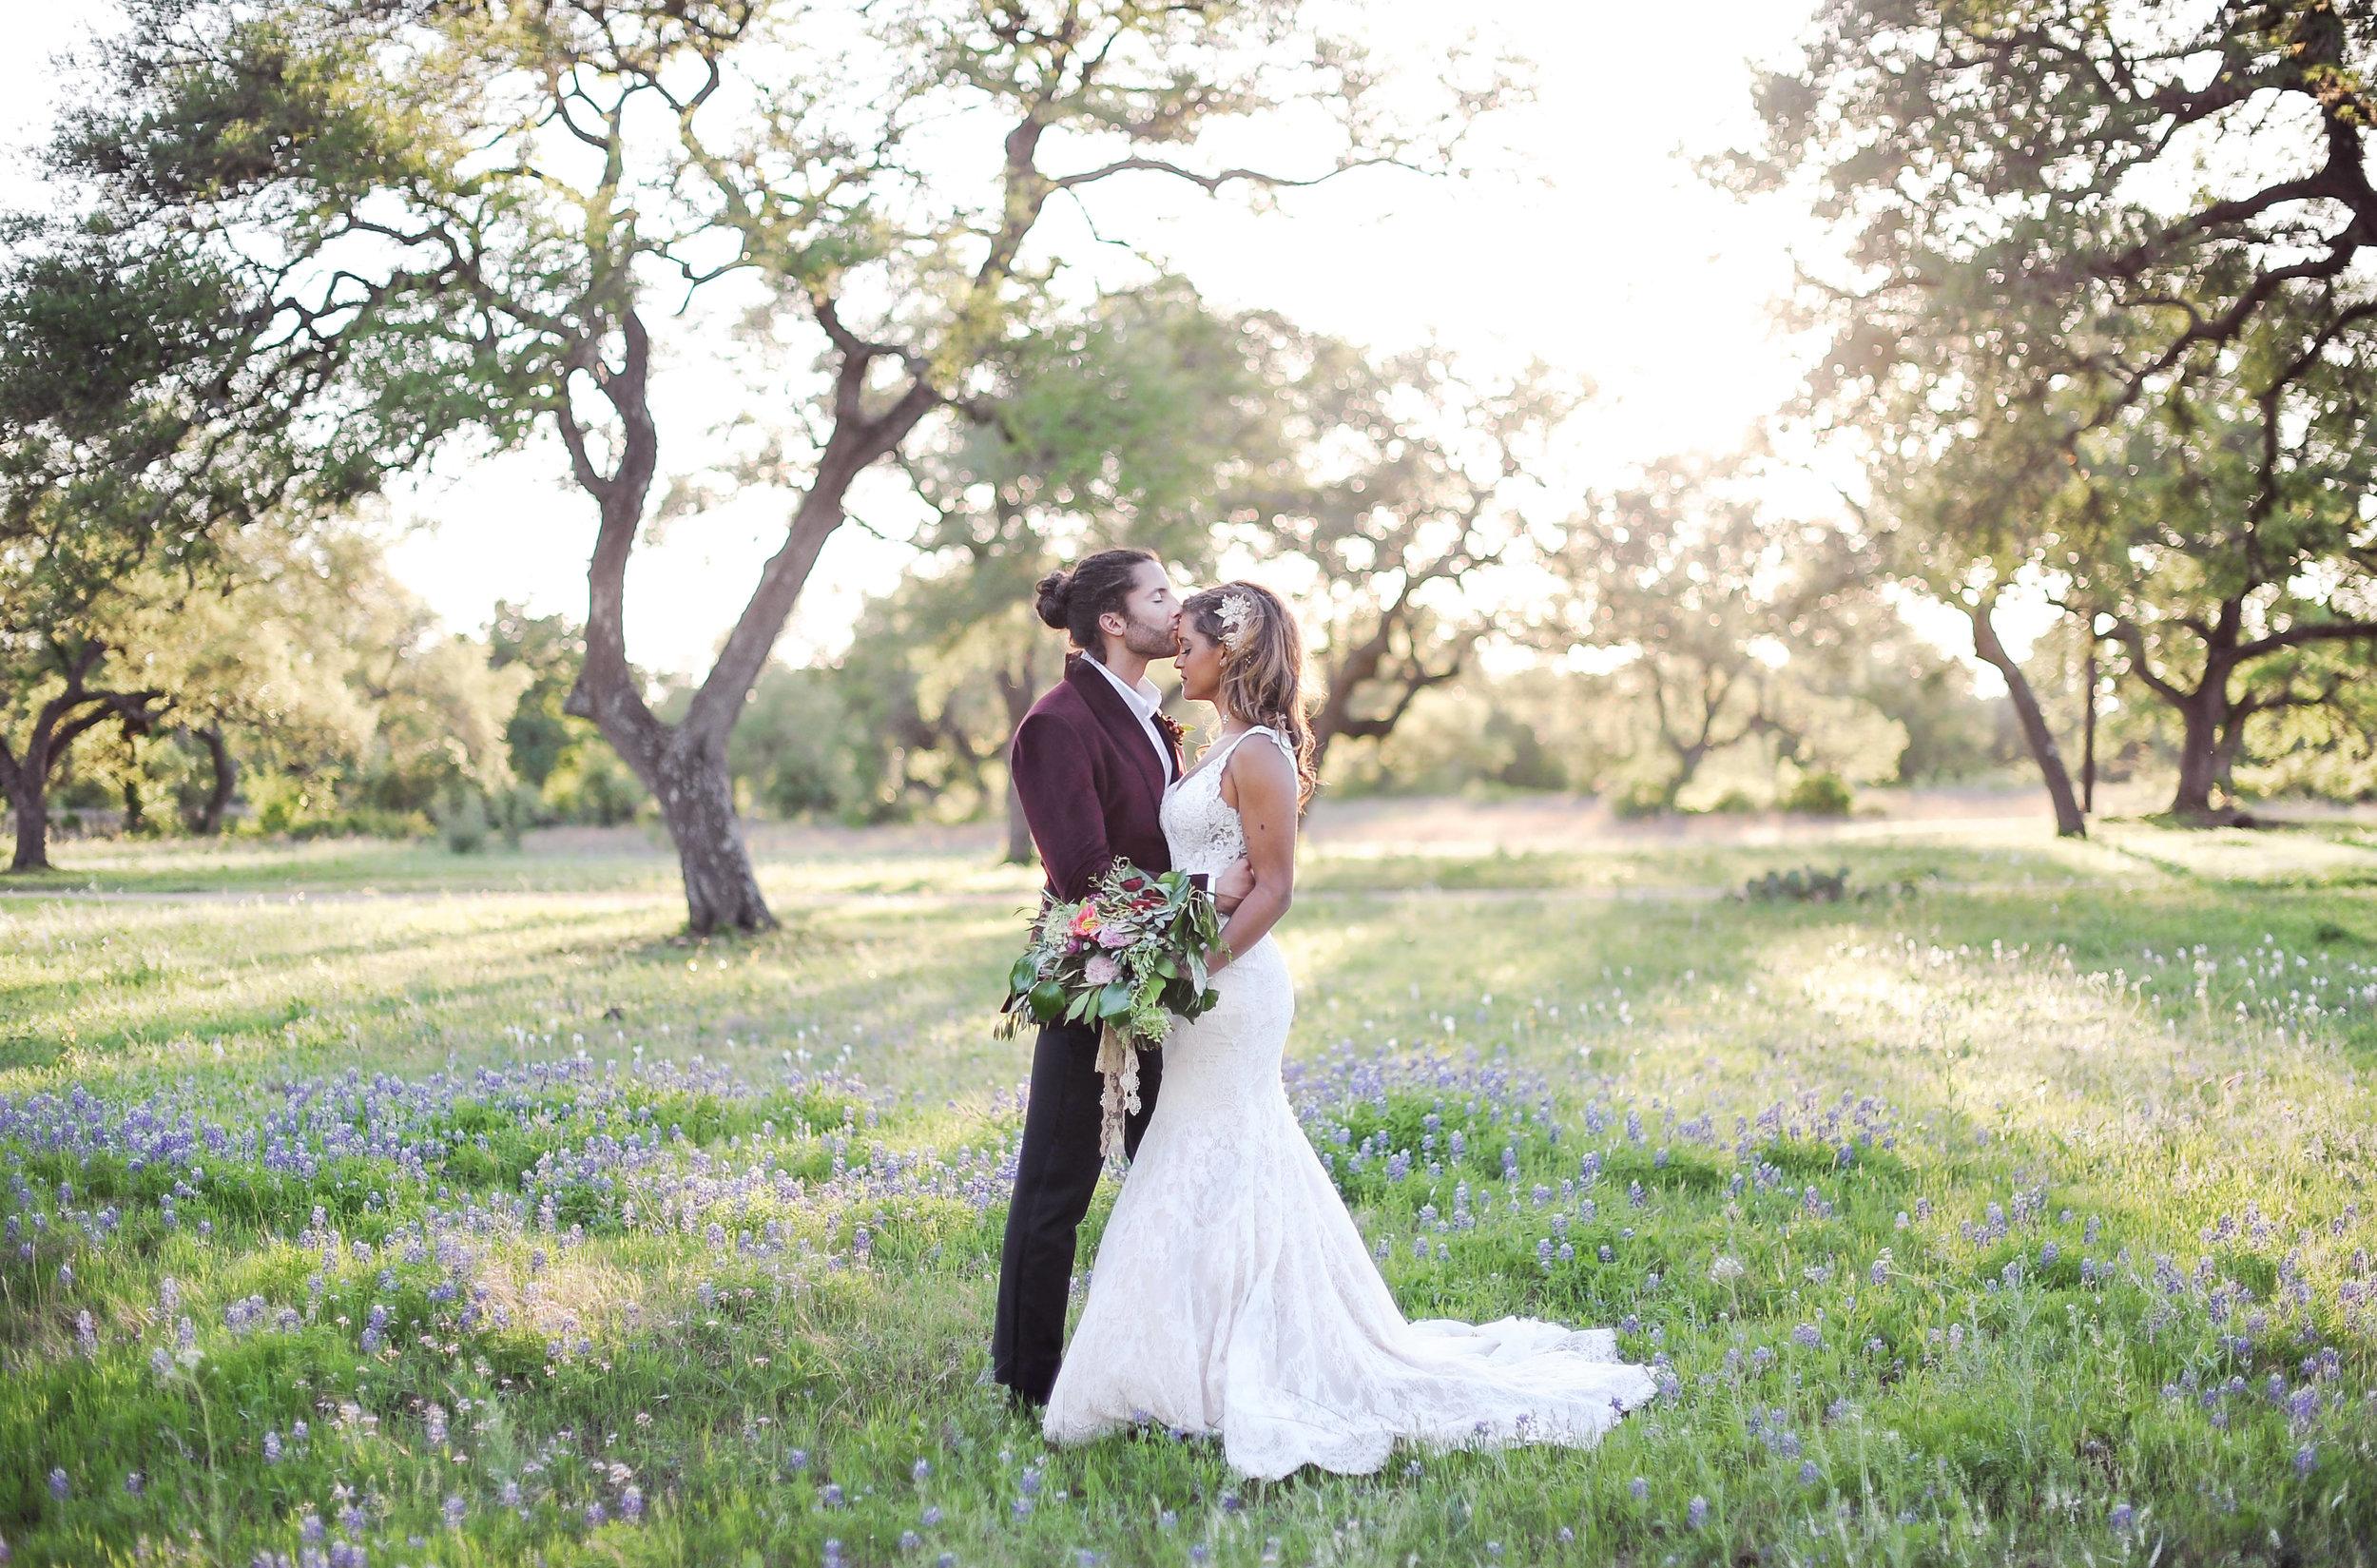 Garden-Grove-Spanish-Wedding-jessicafreyphotography-FAV-081.jpg